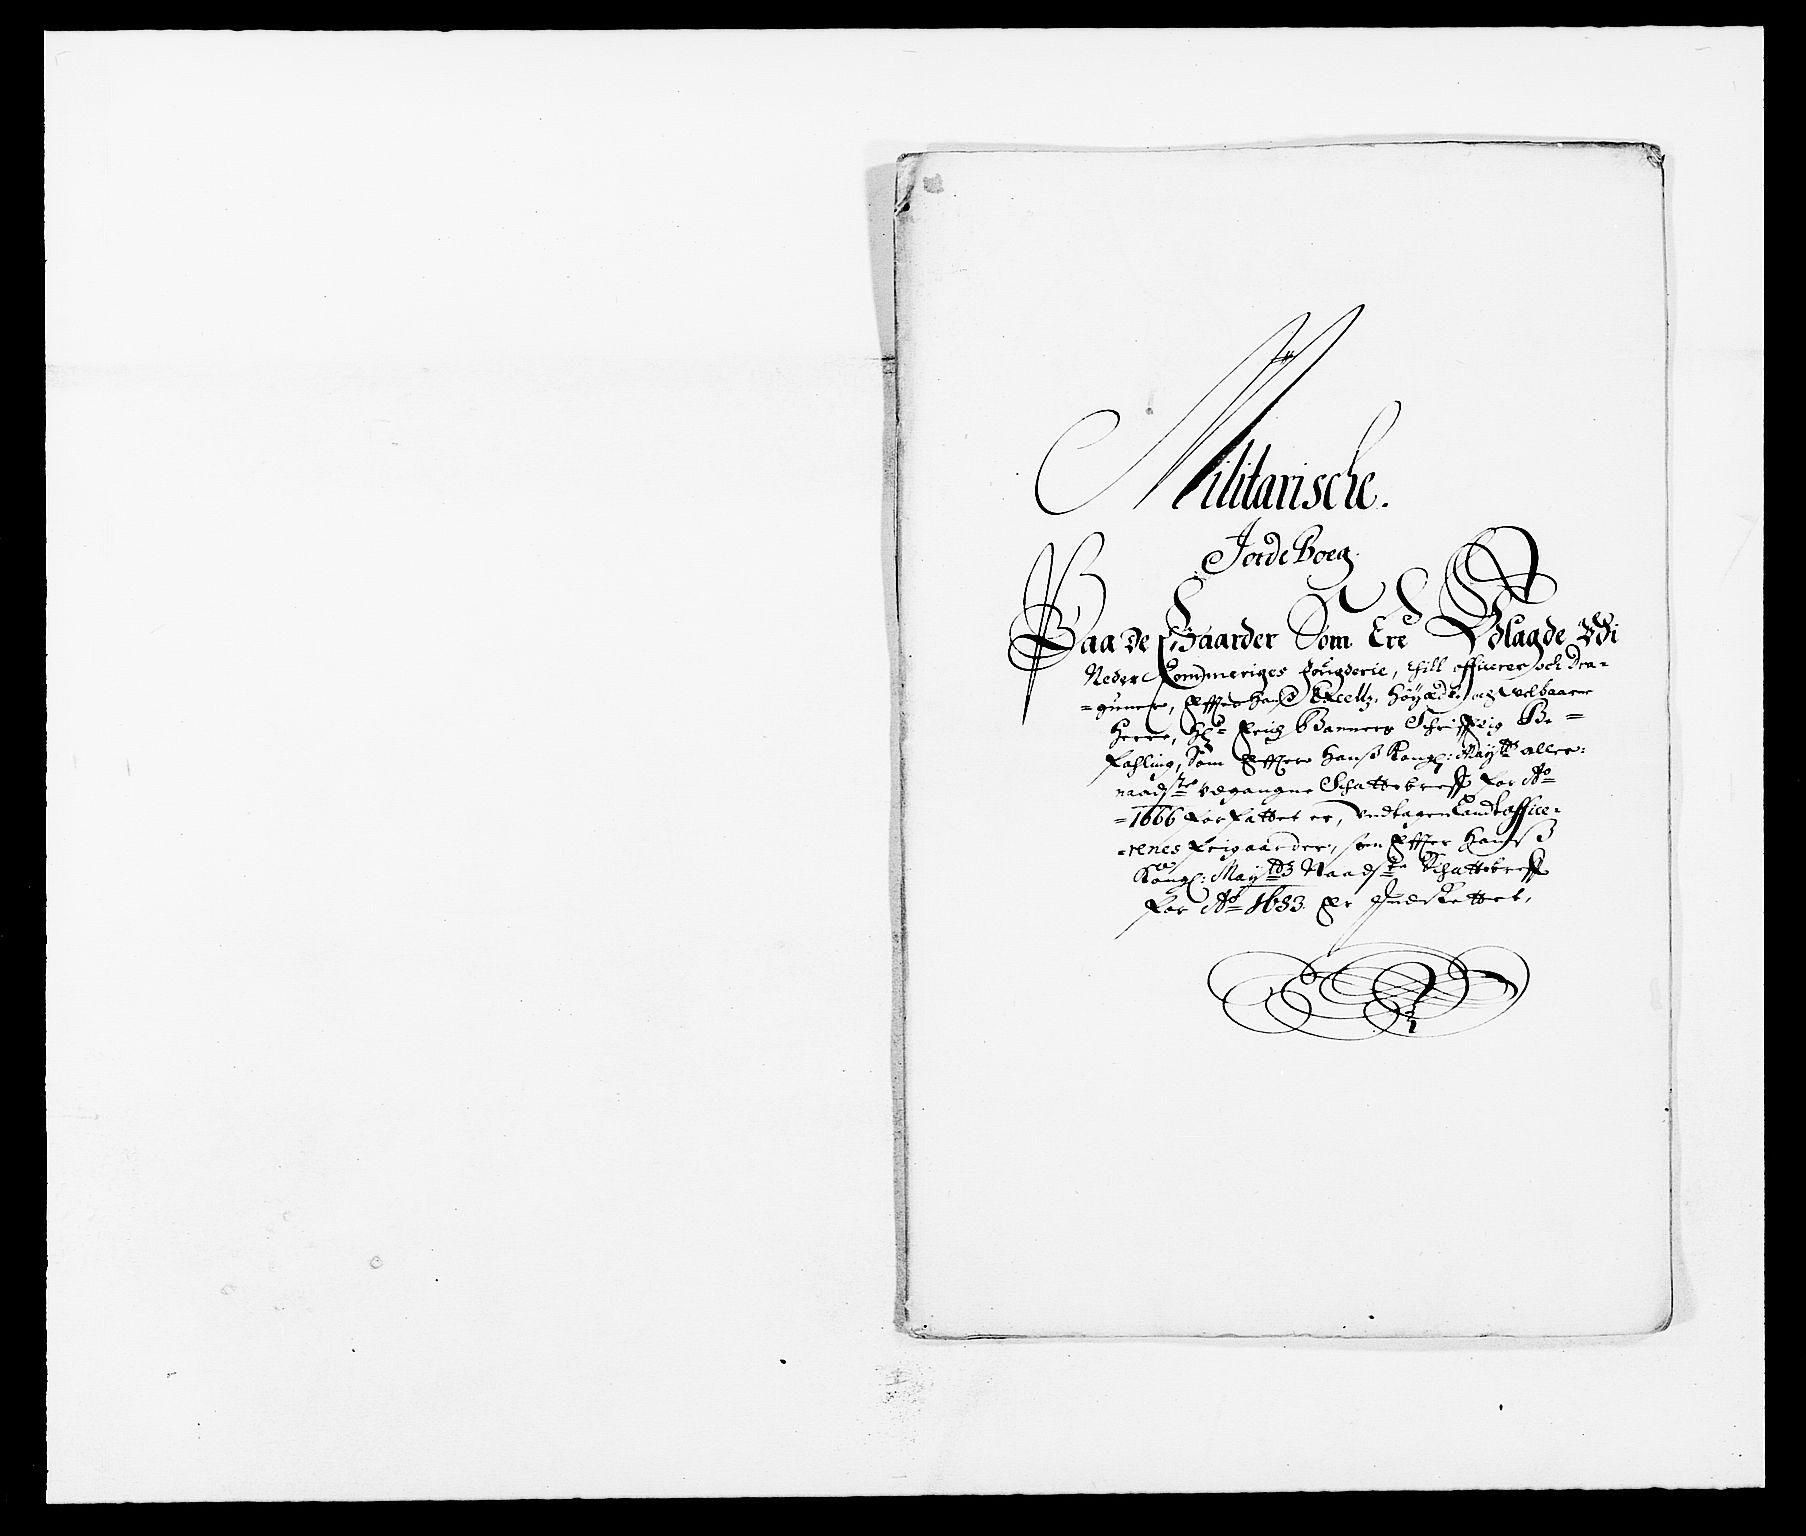 RA, Rentekammeret inntil 1814, Reviderte regnskaper, Fogderegnskap, R11/L0571: Fogderegnskap Nedre Romerike, 1683-1685, s. 139